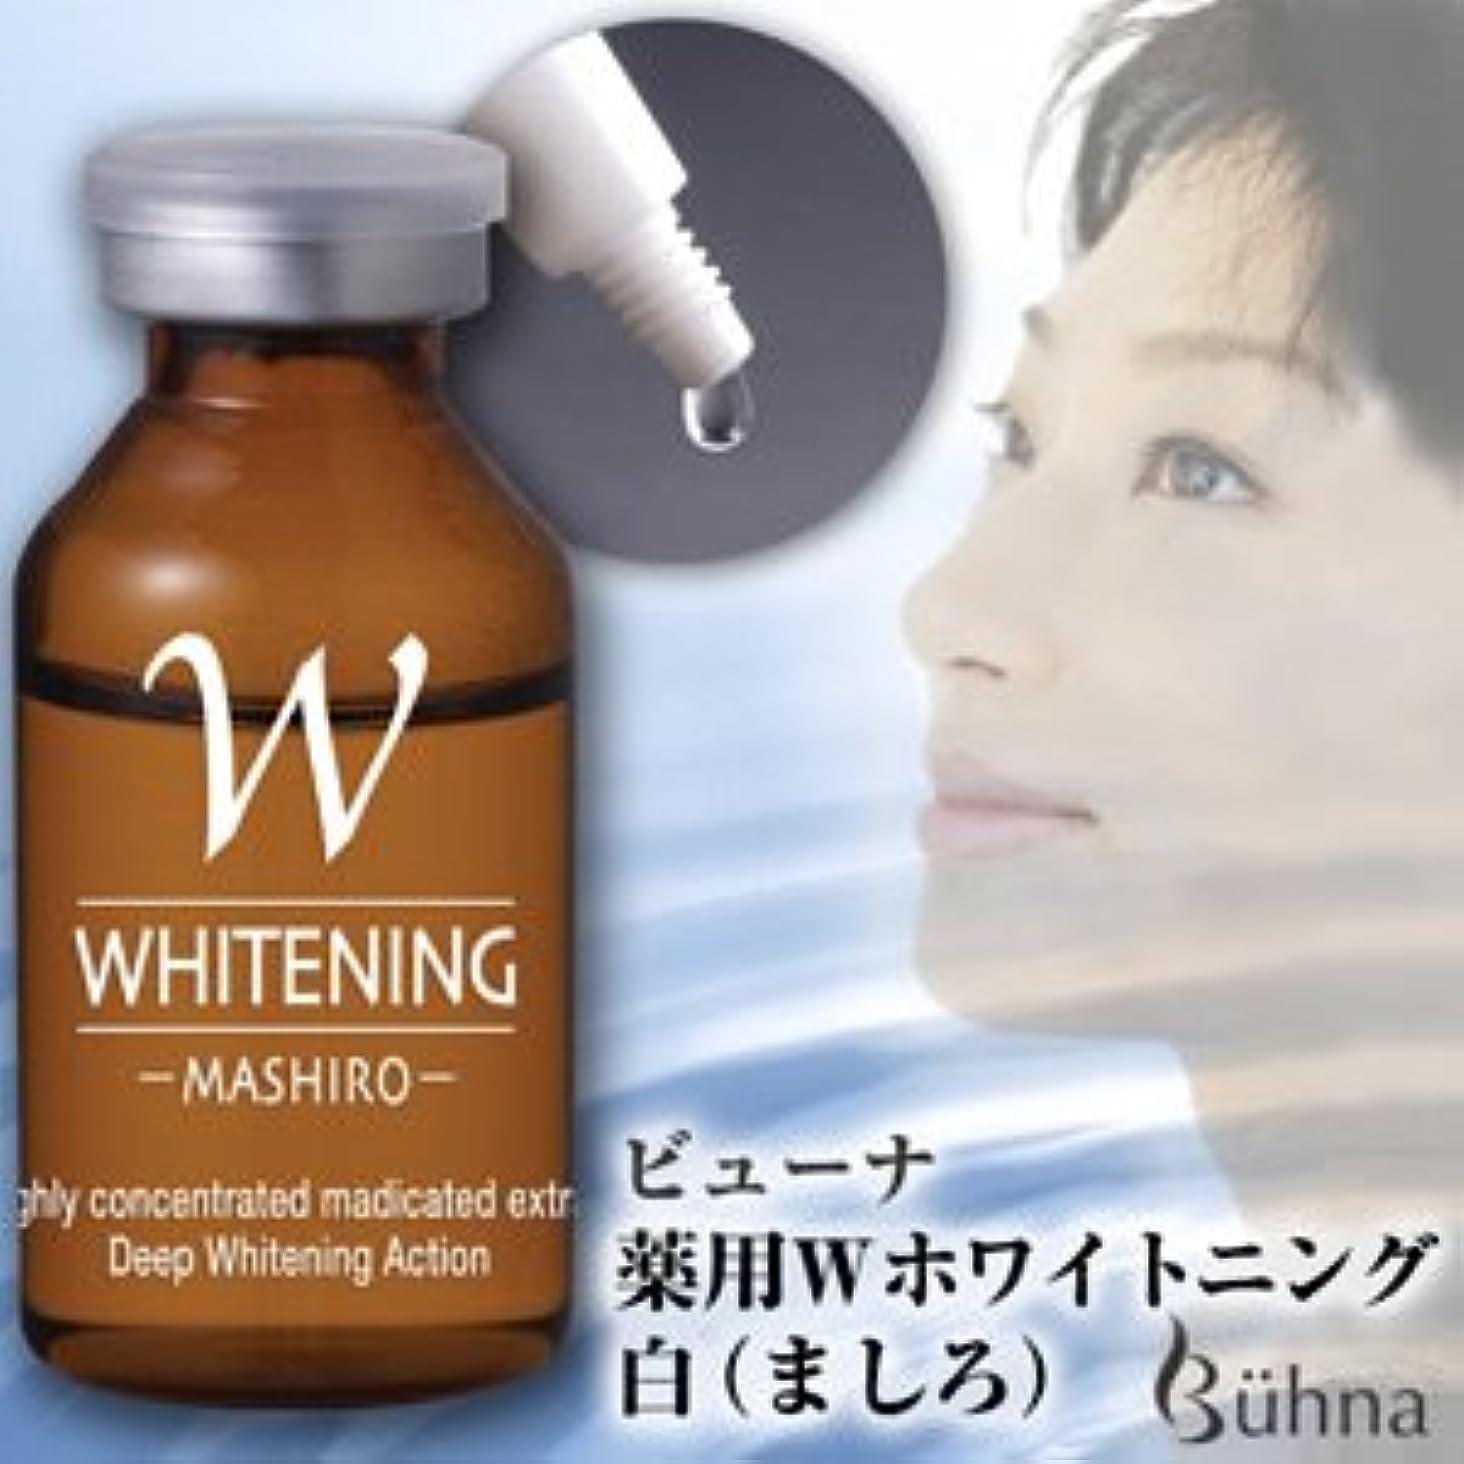 ズームインする劣るアラブサラボ超高濃度!W原液がシミを断つ、翌朝の肌で感じる美肌力『薬用ダブルホワイトニング白(ましろ)』